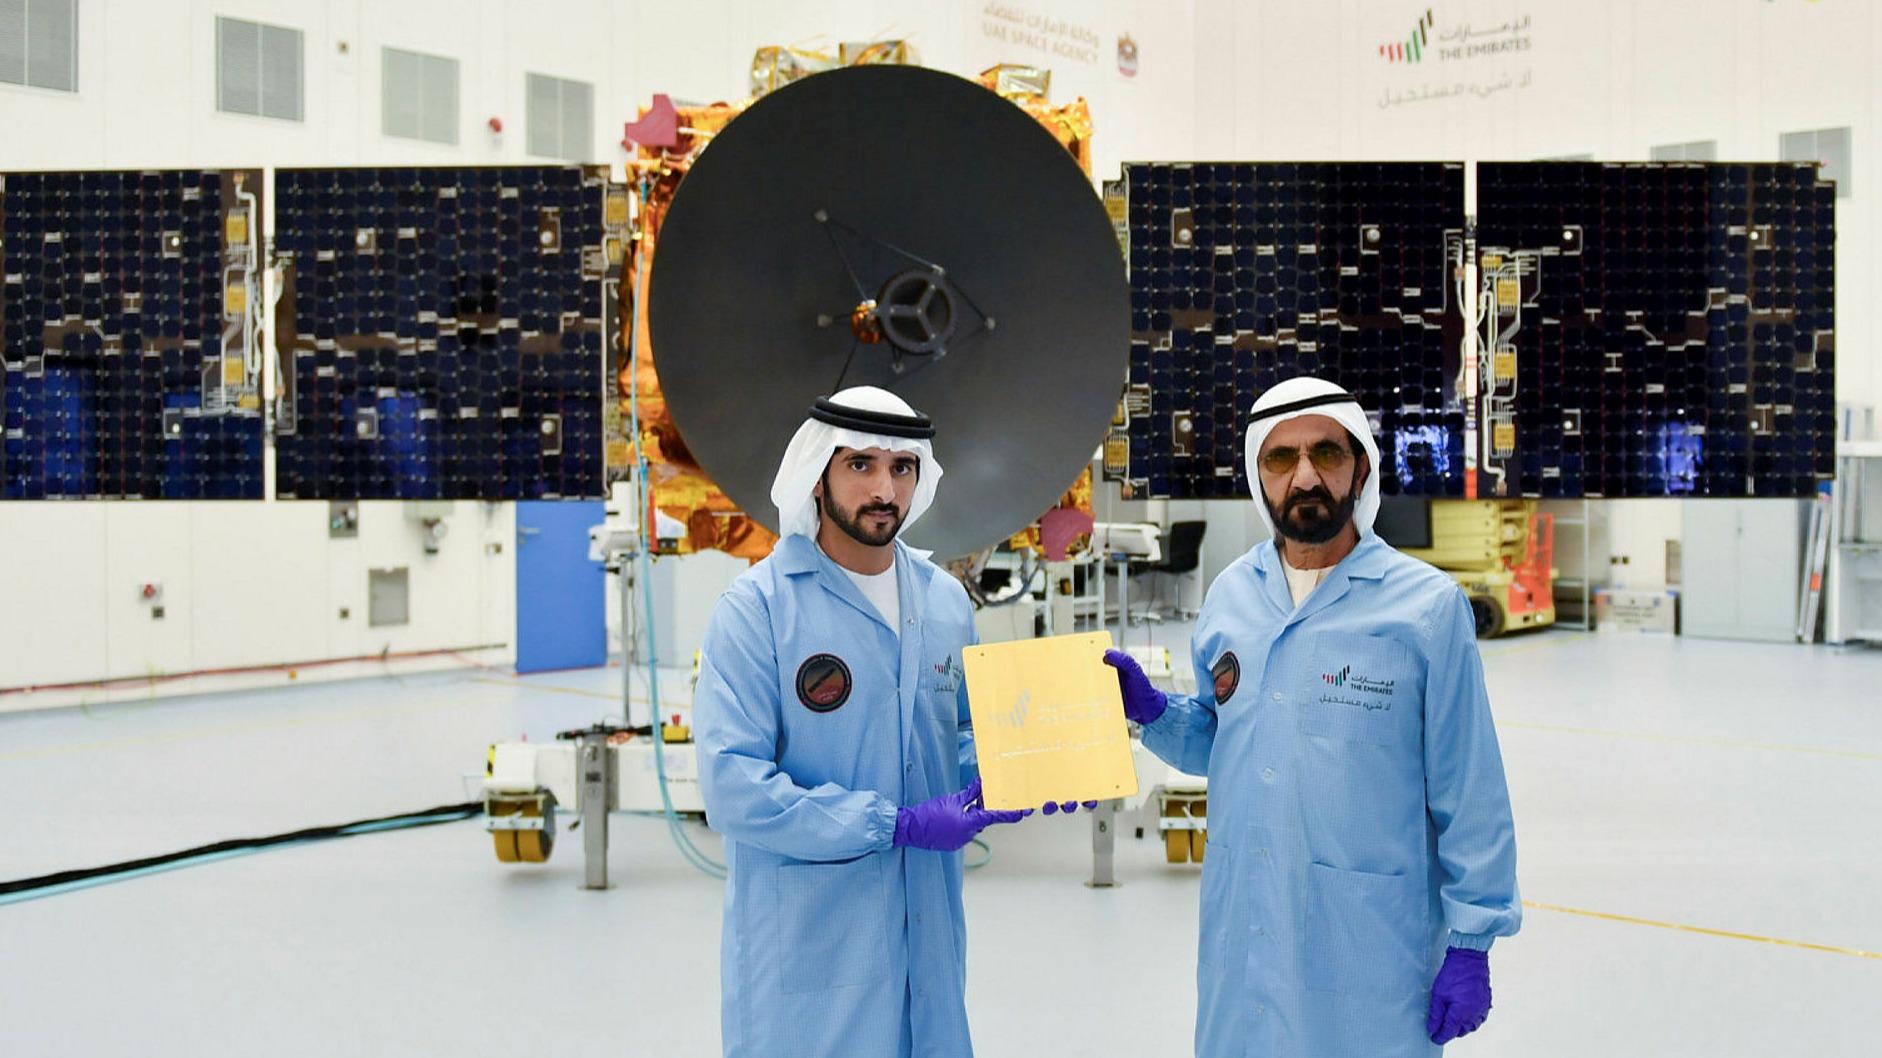 6 năm thần tốc của UAE: Bắt kịp 5 cường quốc, tạo kỳ tích gây kinh ngạc cho thế giới - Ảnh 1.